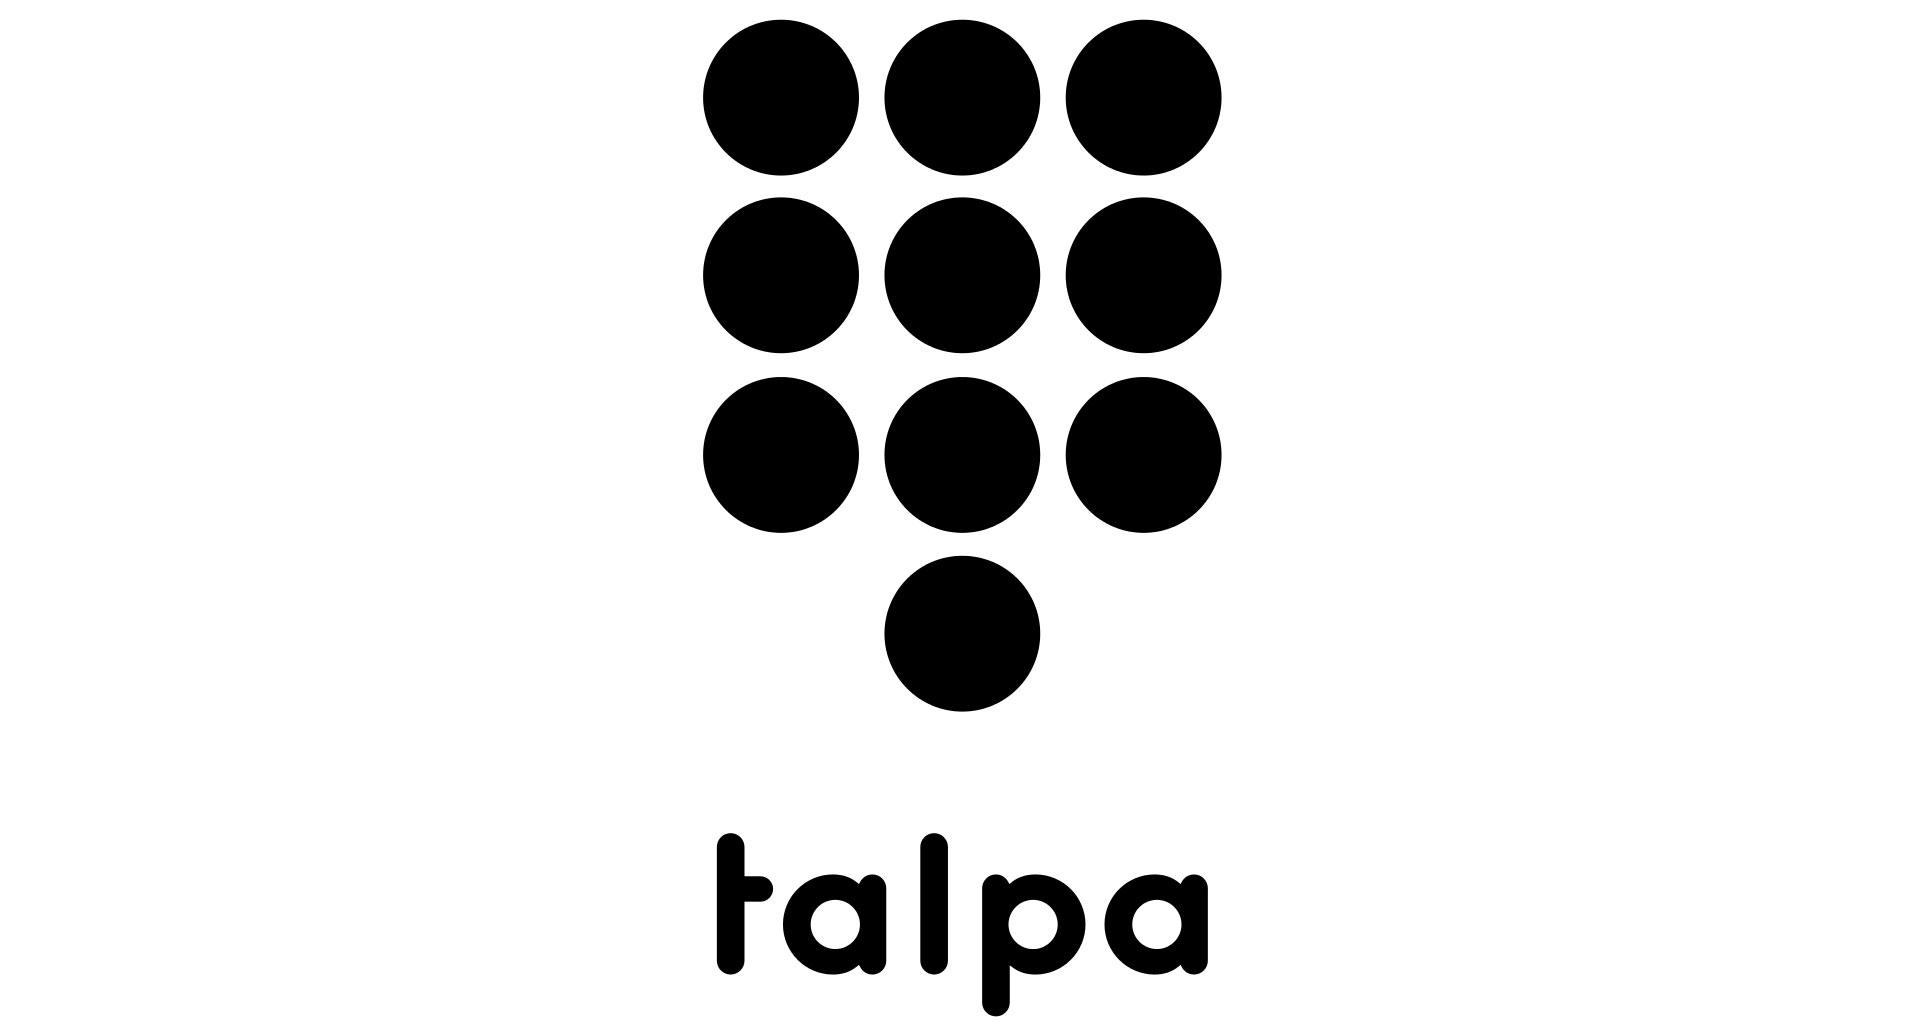 https://www.timvalkenhoff.nl/wp-content/uploads/2018/10/Talpa.jpg